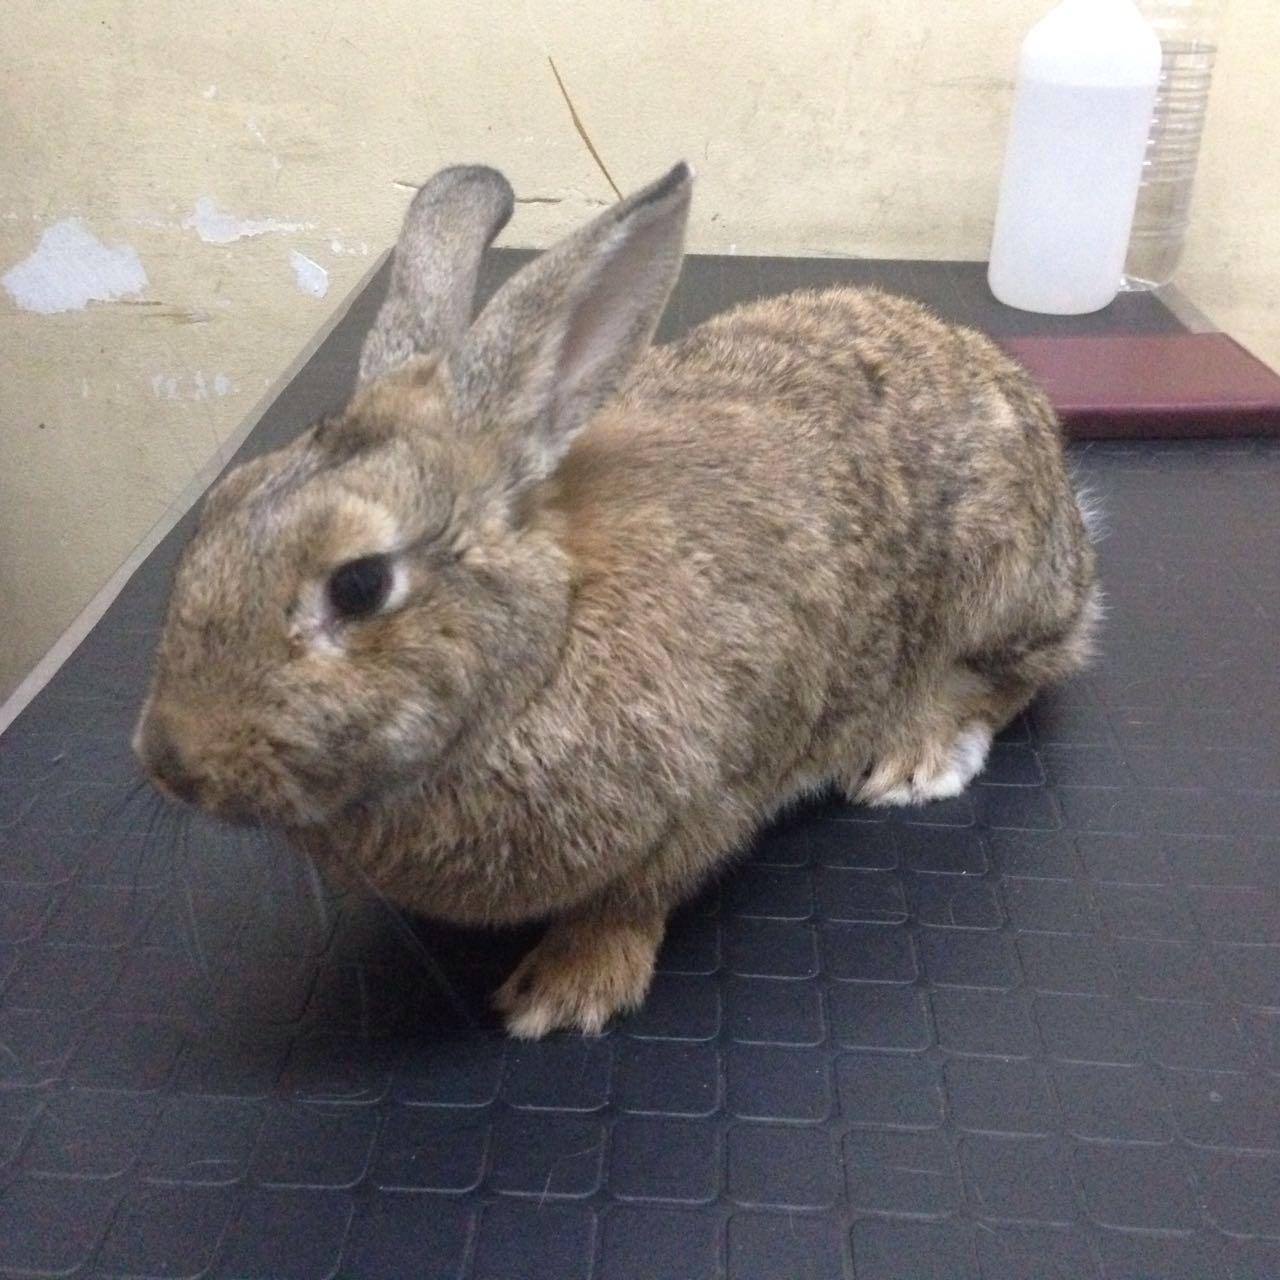 Conejo control veterinario fauna vets exoticos buenos aires